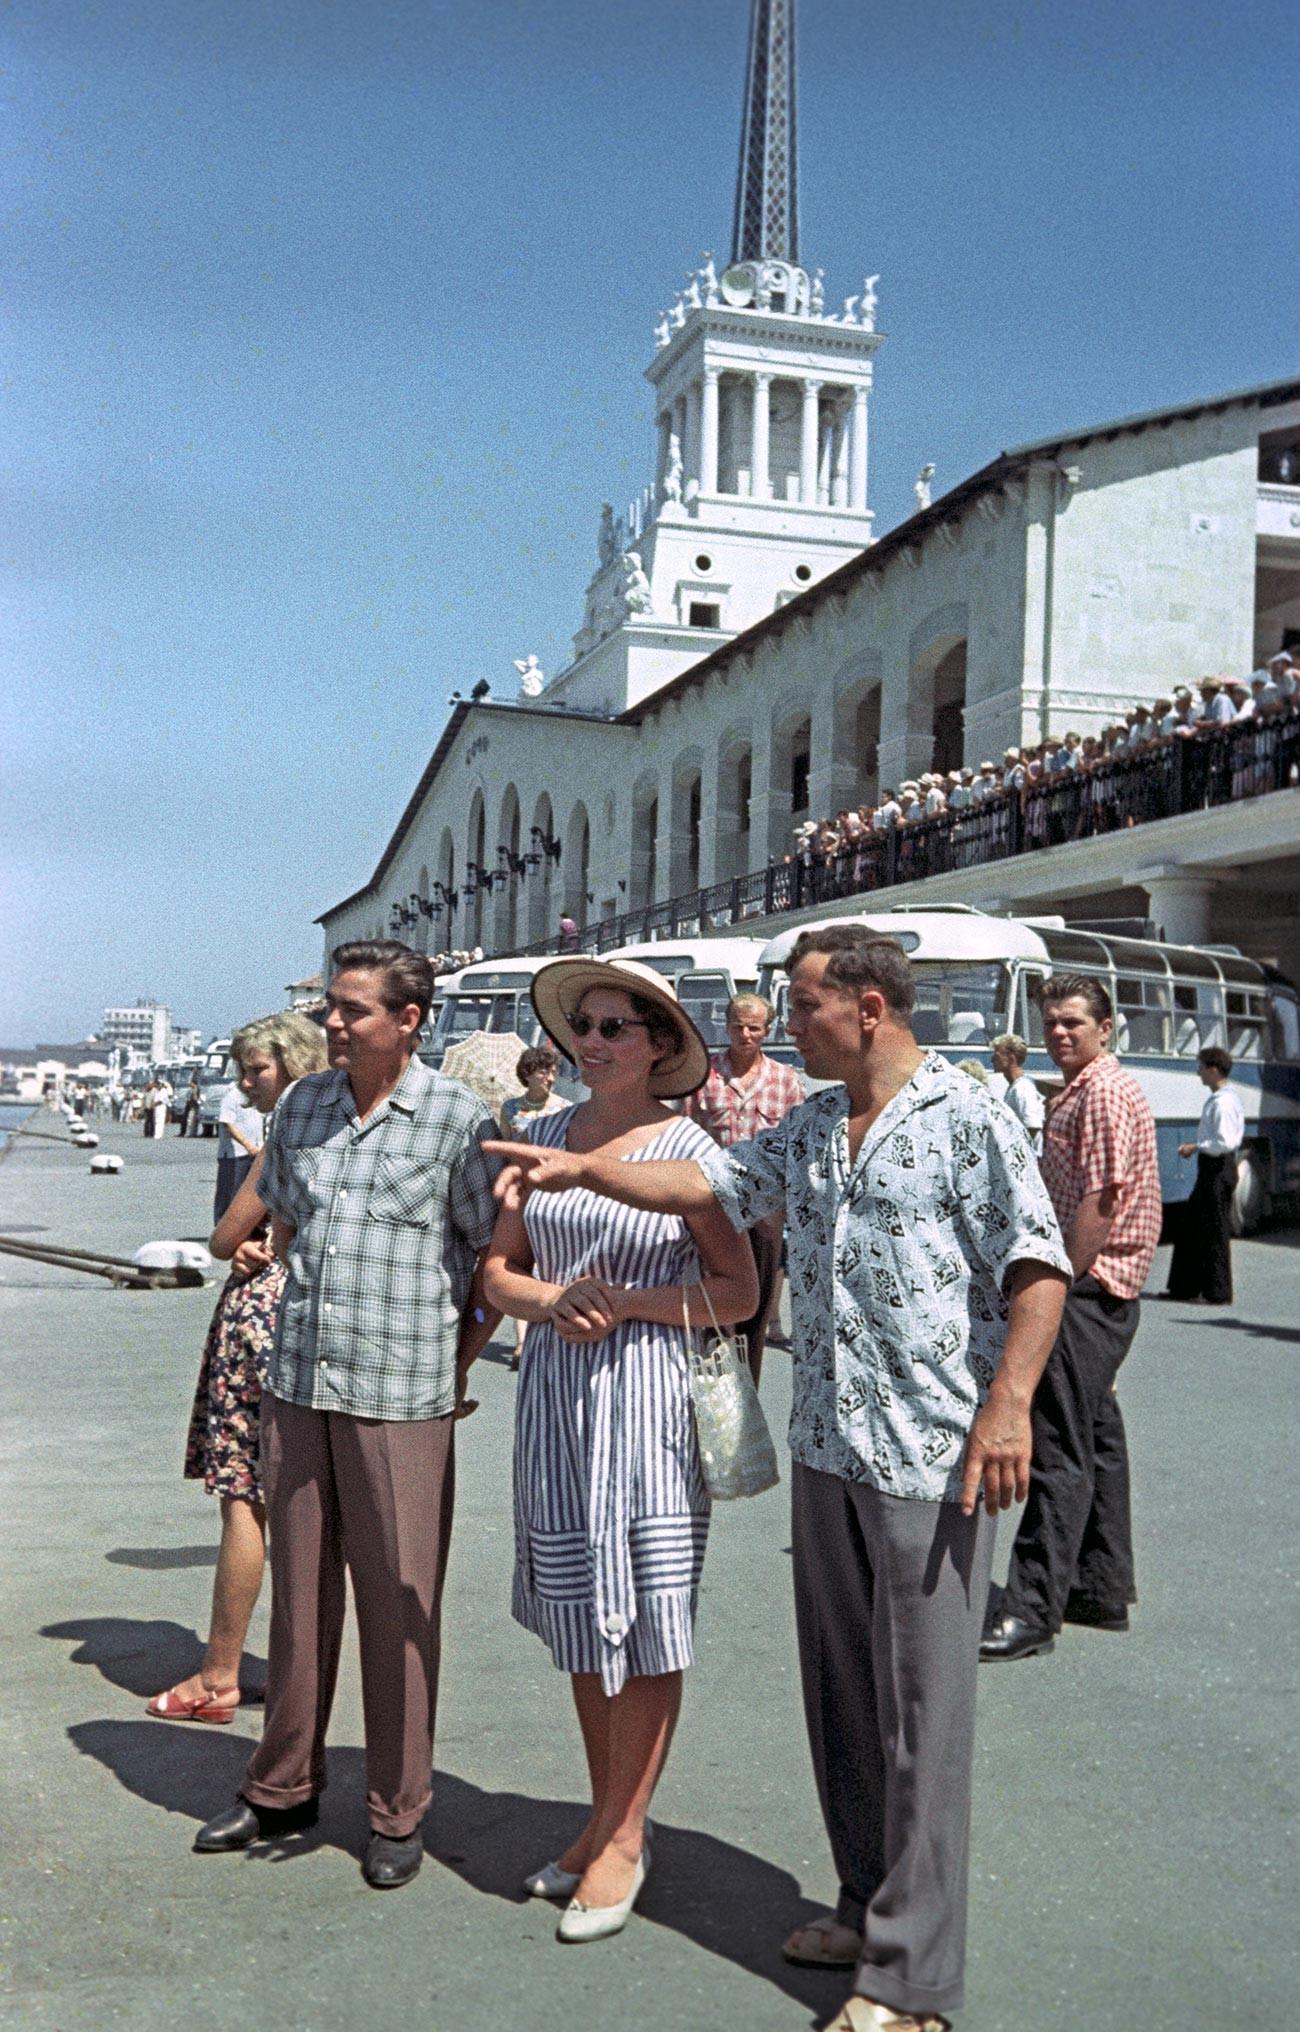 Die Piloten-Kosmonauten Andrian Nikolajev (v.l) und Pawel Popovitsch gehen in 1962 mit seiner Ehegatten-Pilotin Marina Lawrentjewa nach Sotschi.